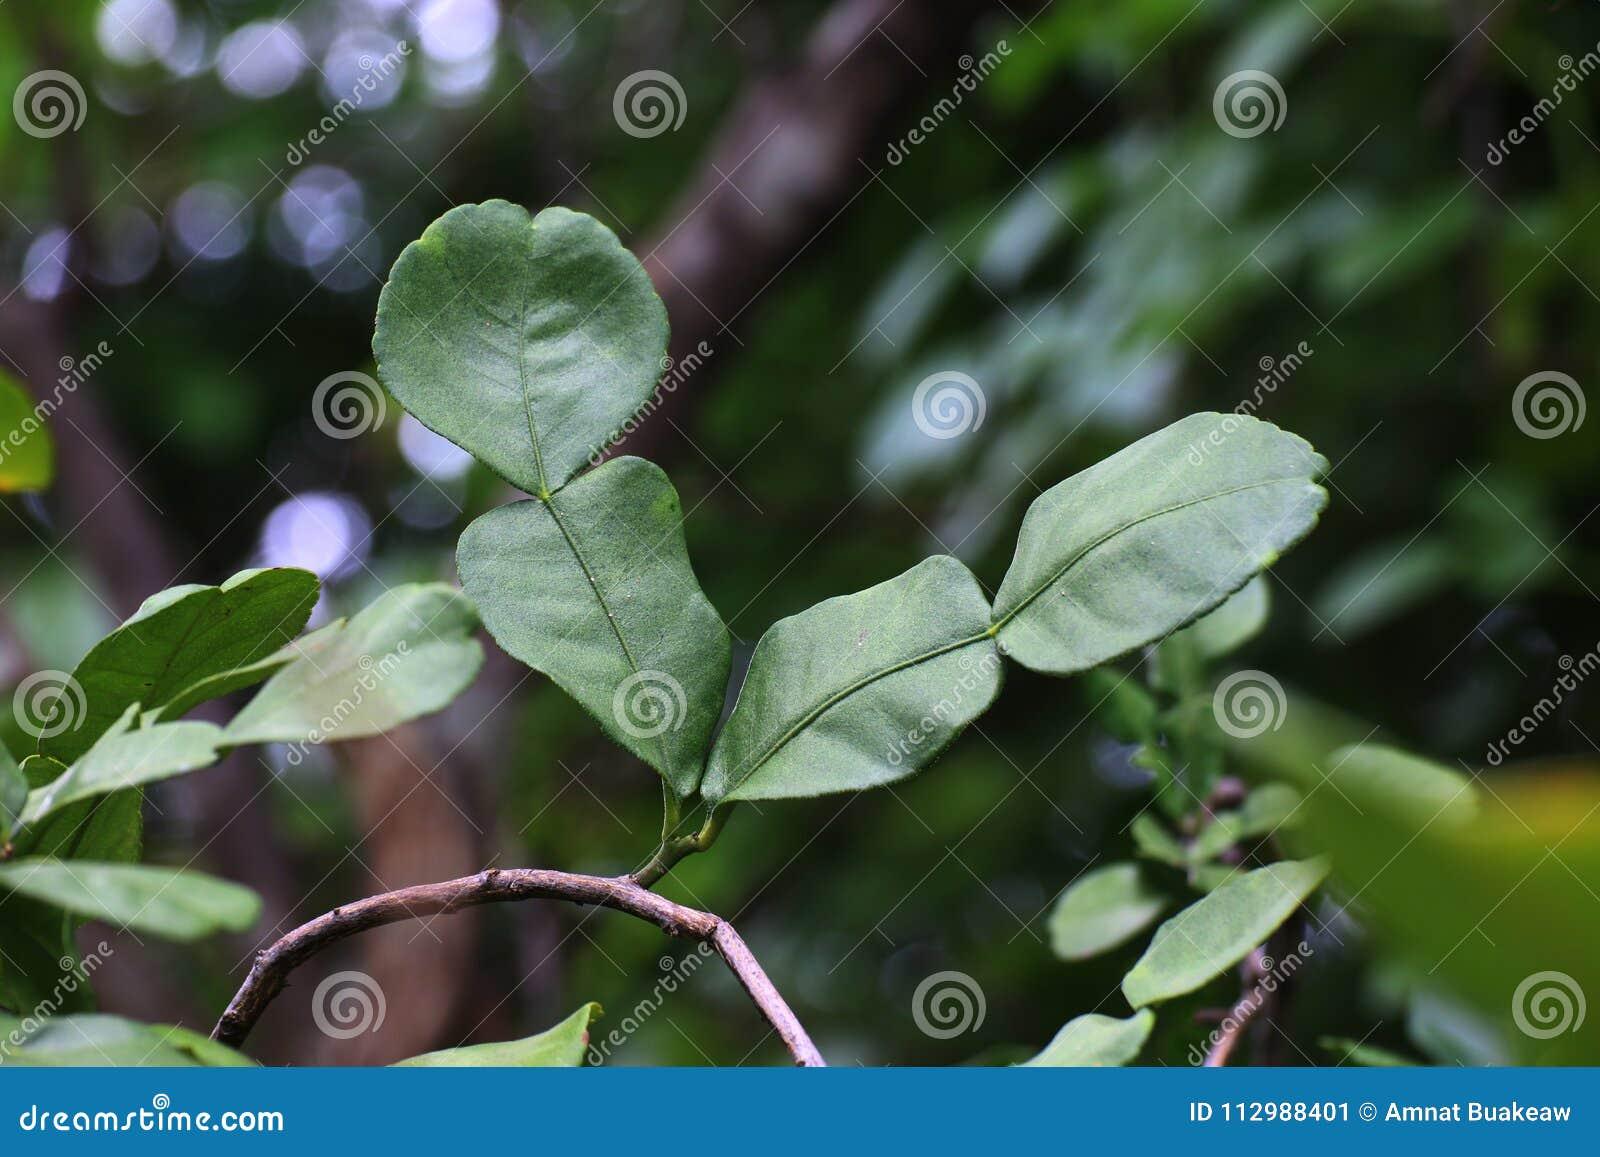 Bergamot leaf, kaffir Lime Leaf